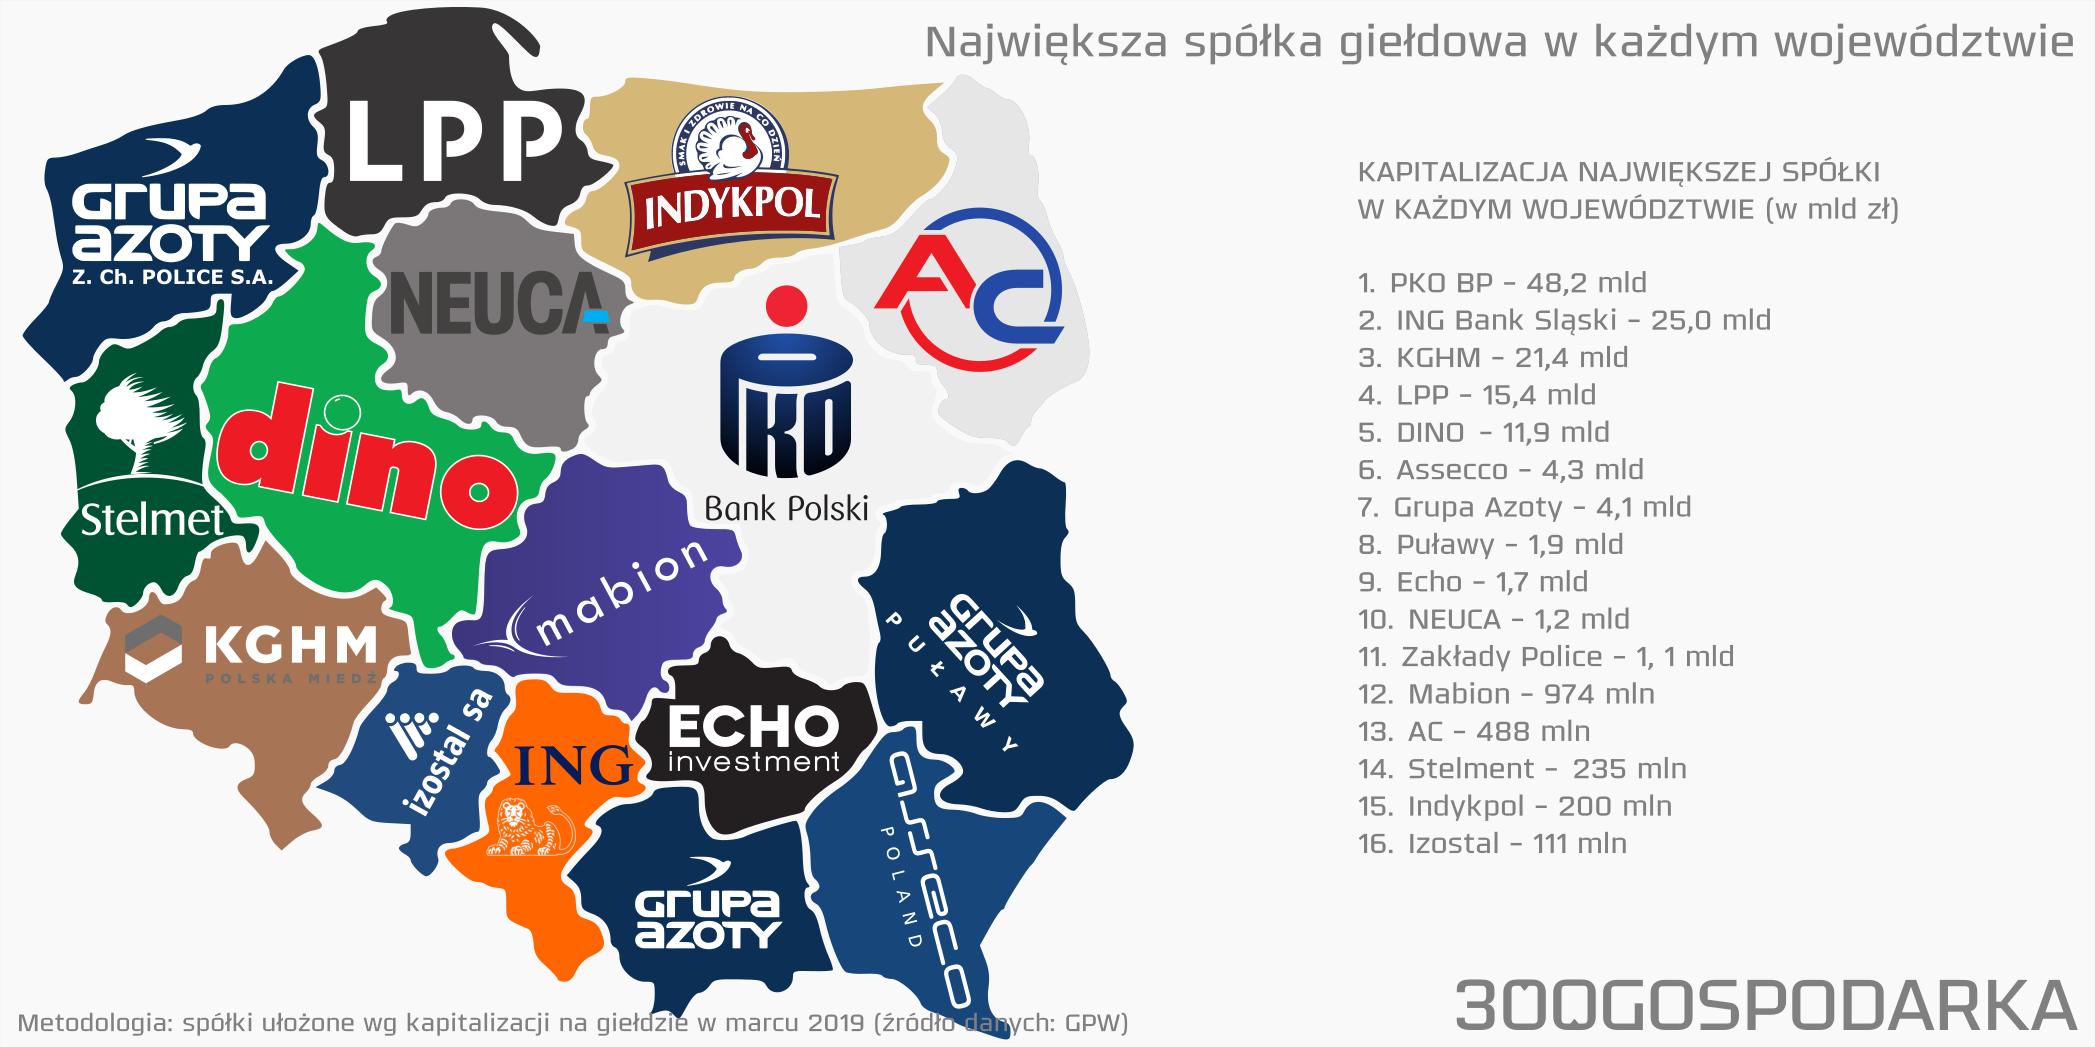 Największa spółka na GPW w każdym województwie